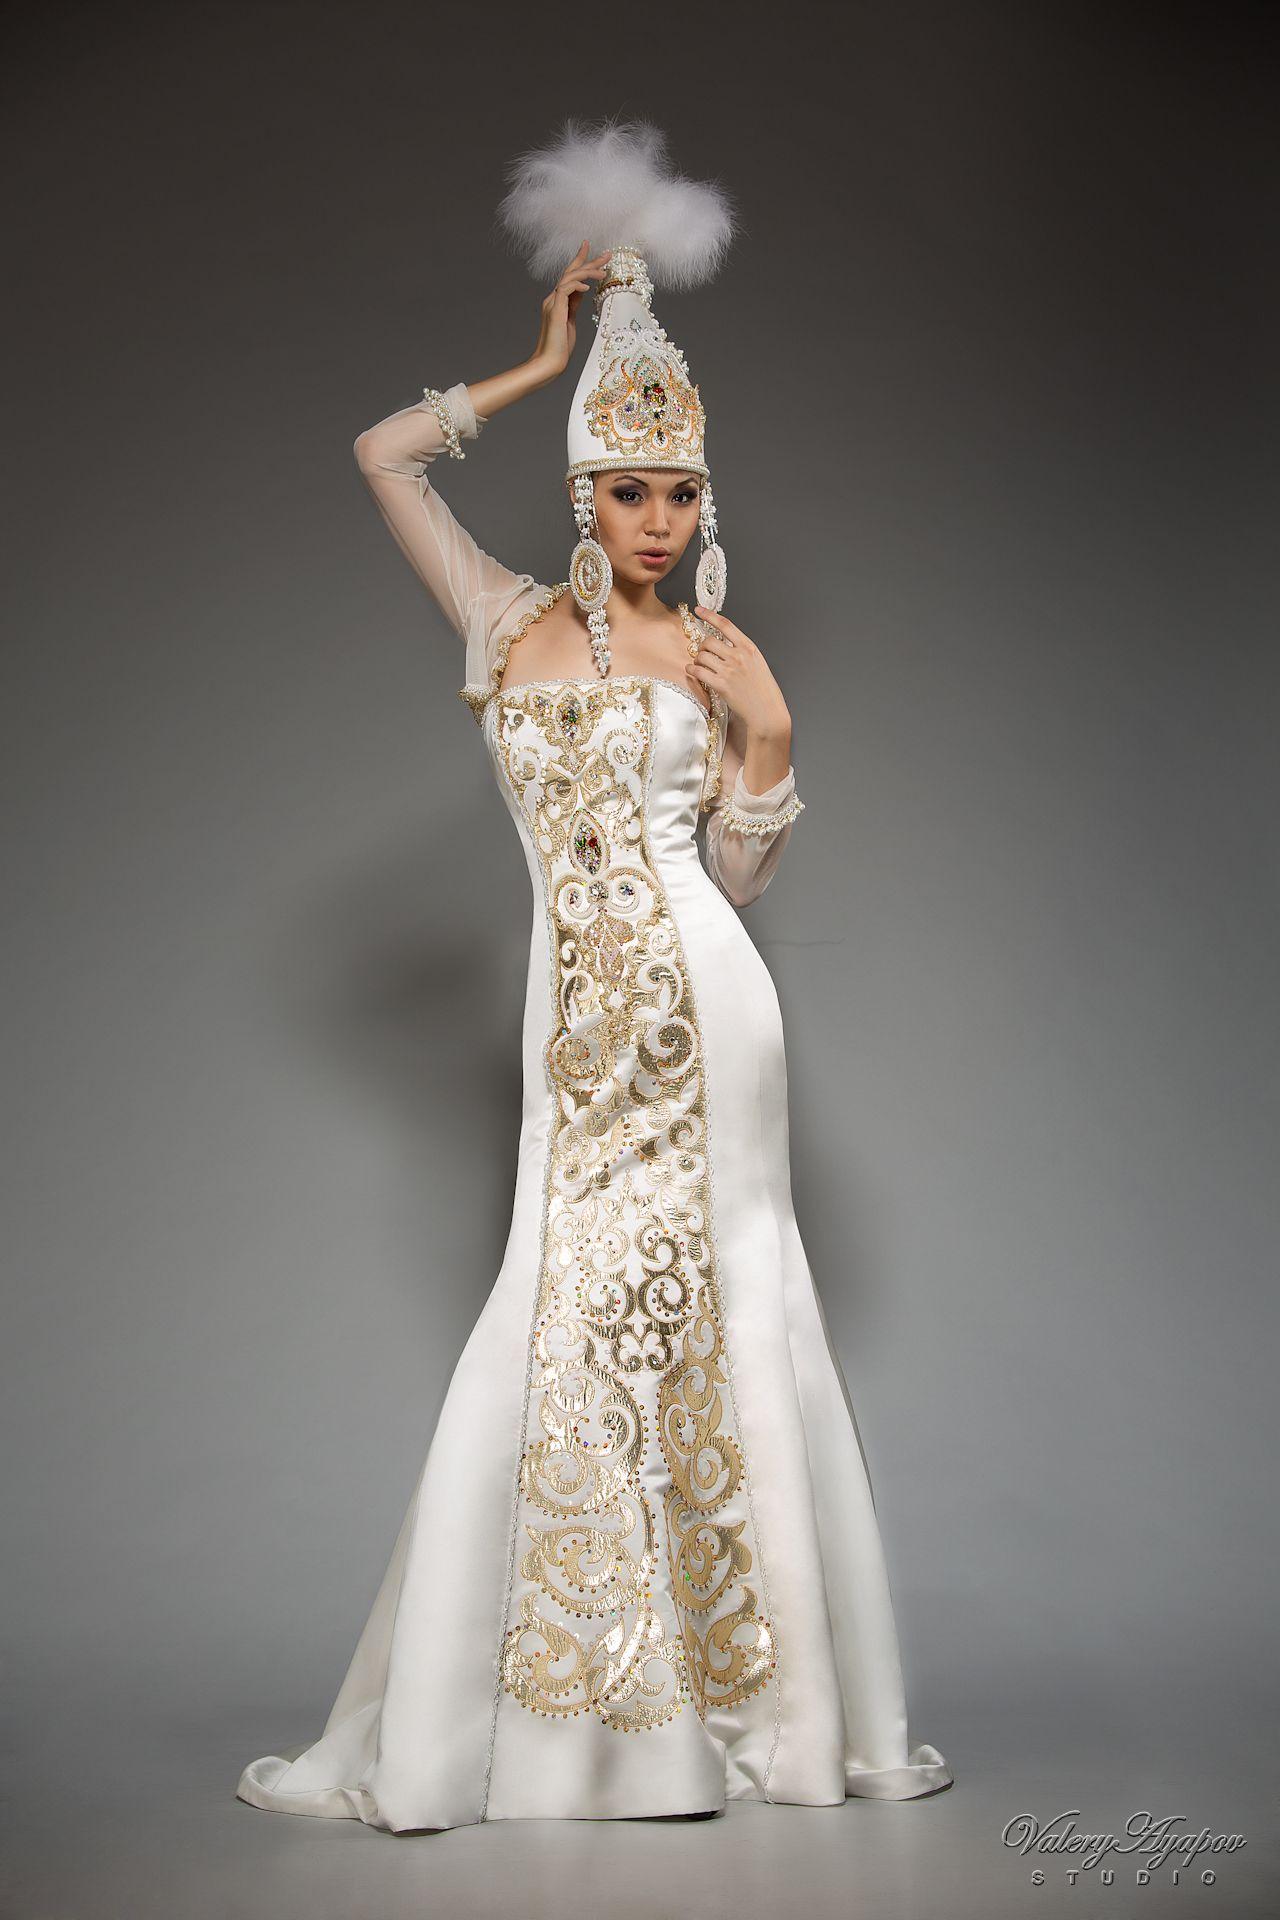 4412aeefa4cc2fb Салон казахских свадебных платьев. Купить платье на узату. Прокат платьев на